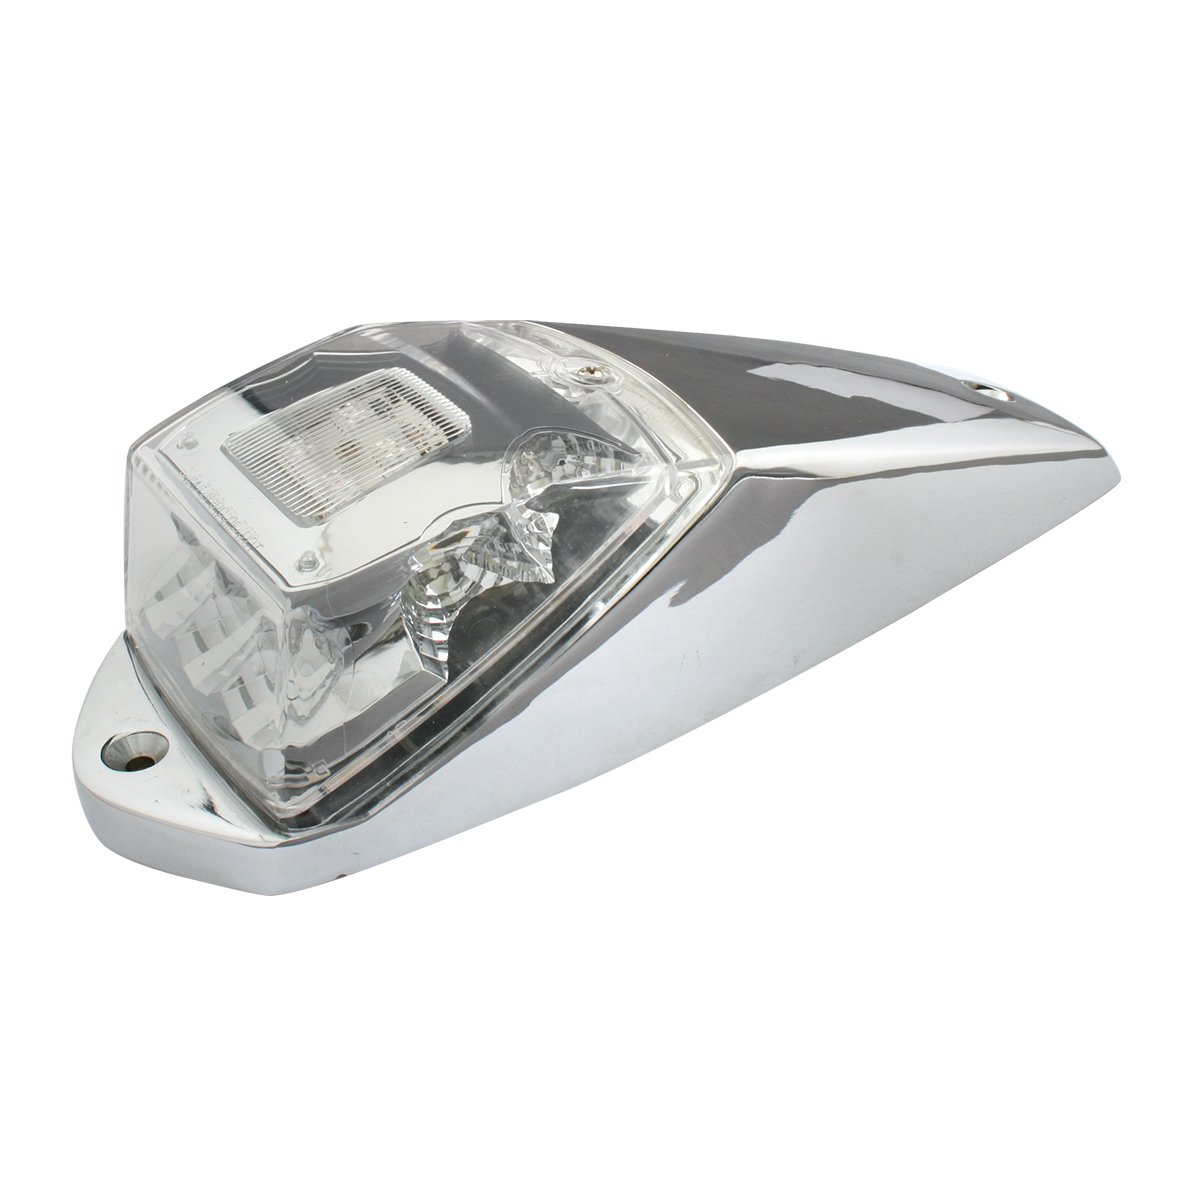 Amber/Clear Cab Spyder LED Marker Light for G5K